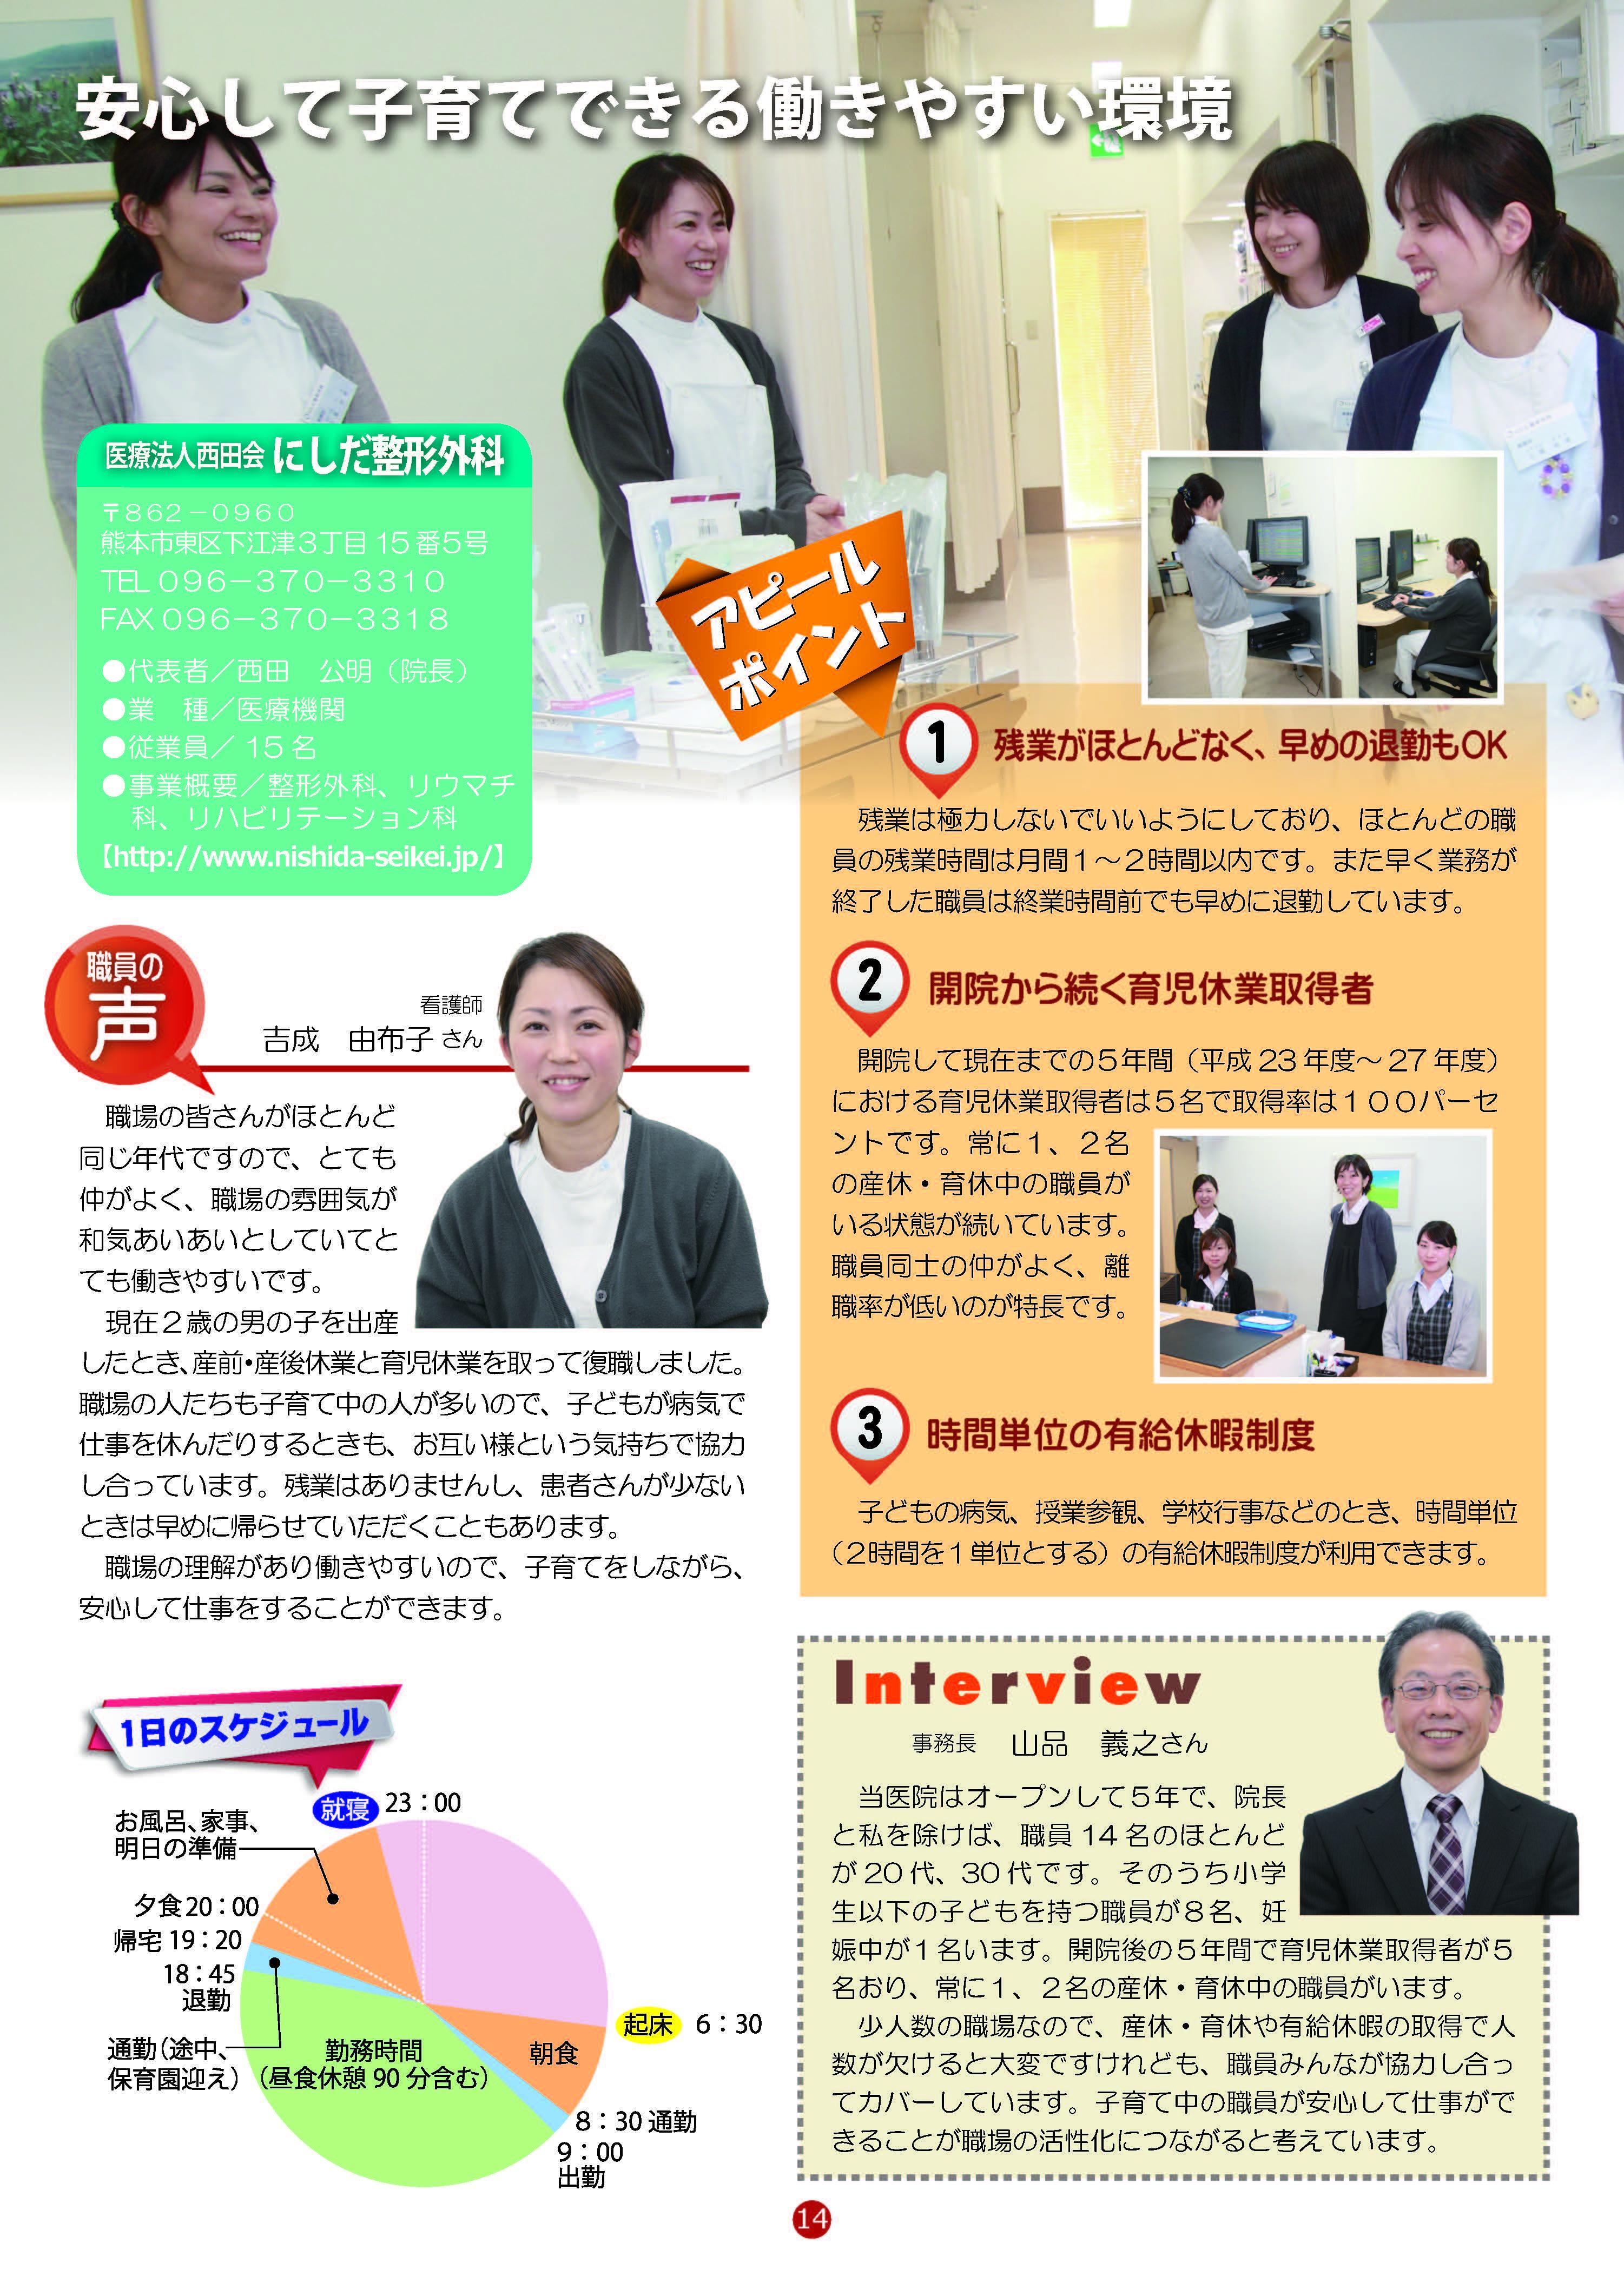 熊本市子育て支援優良企業